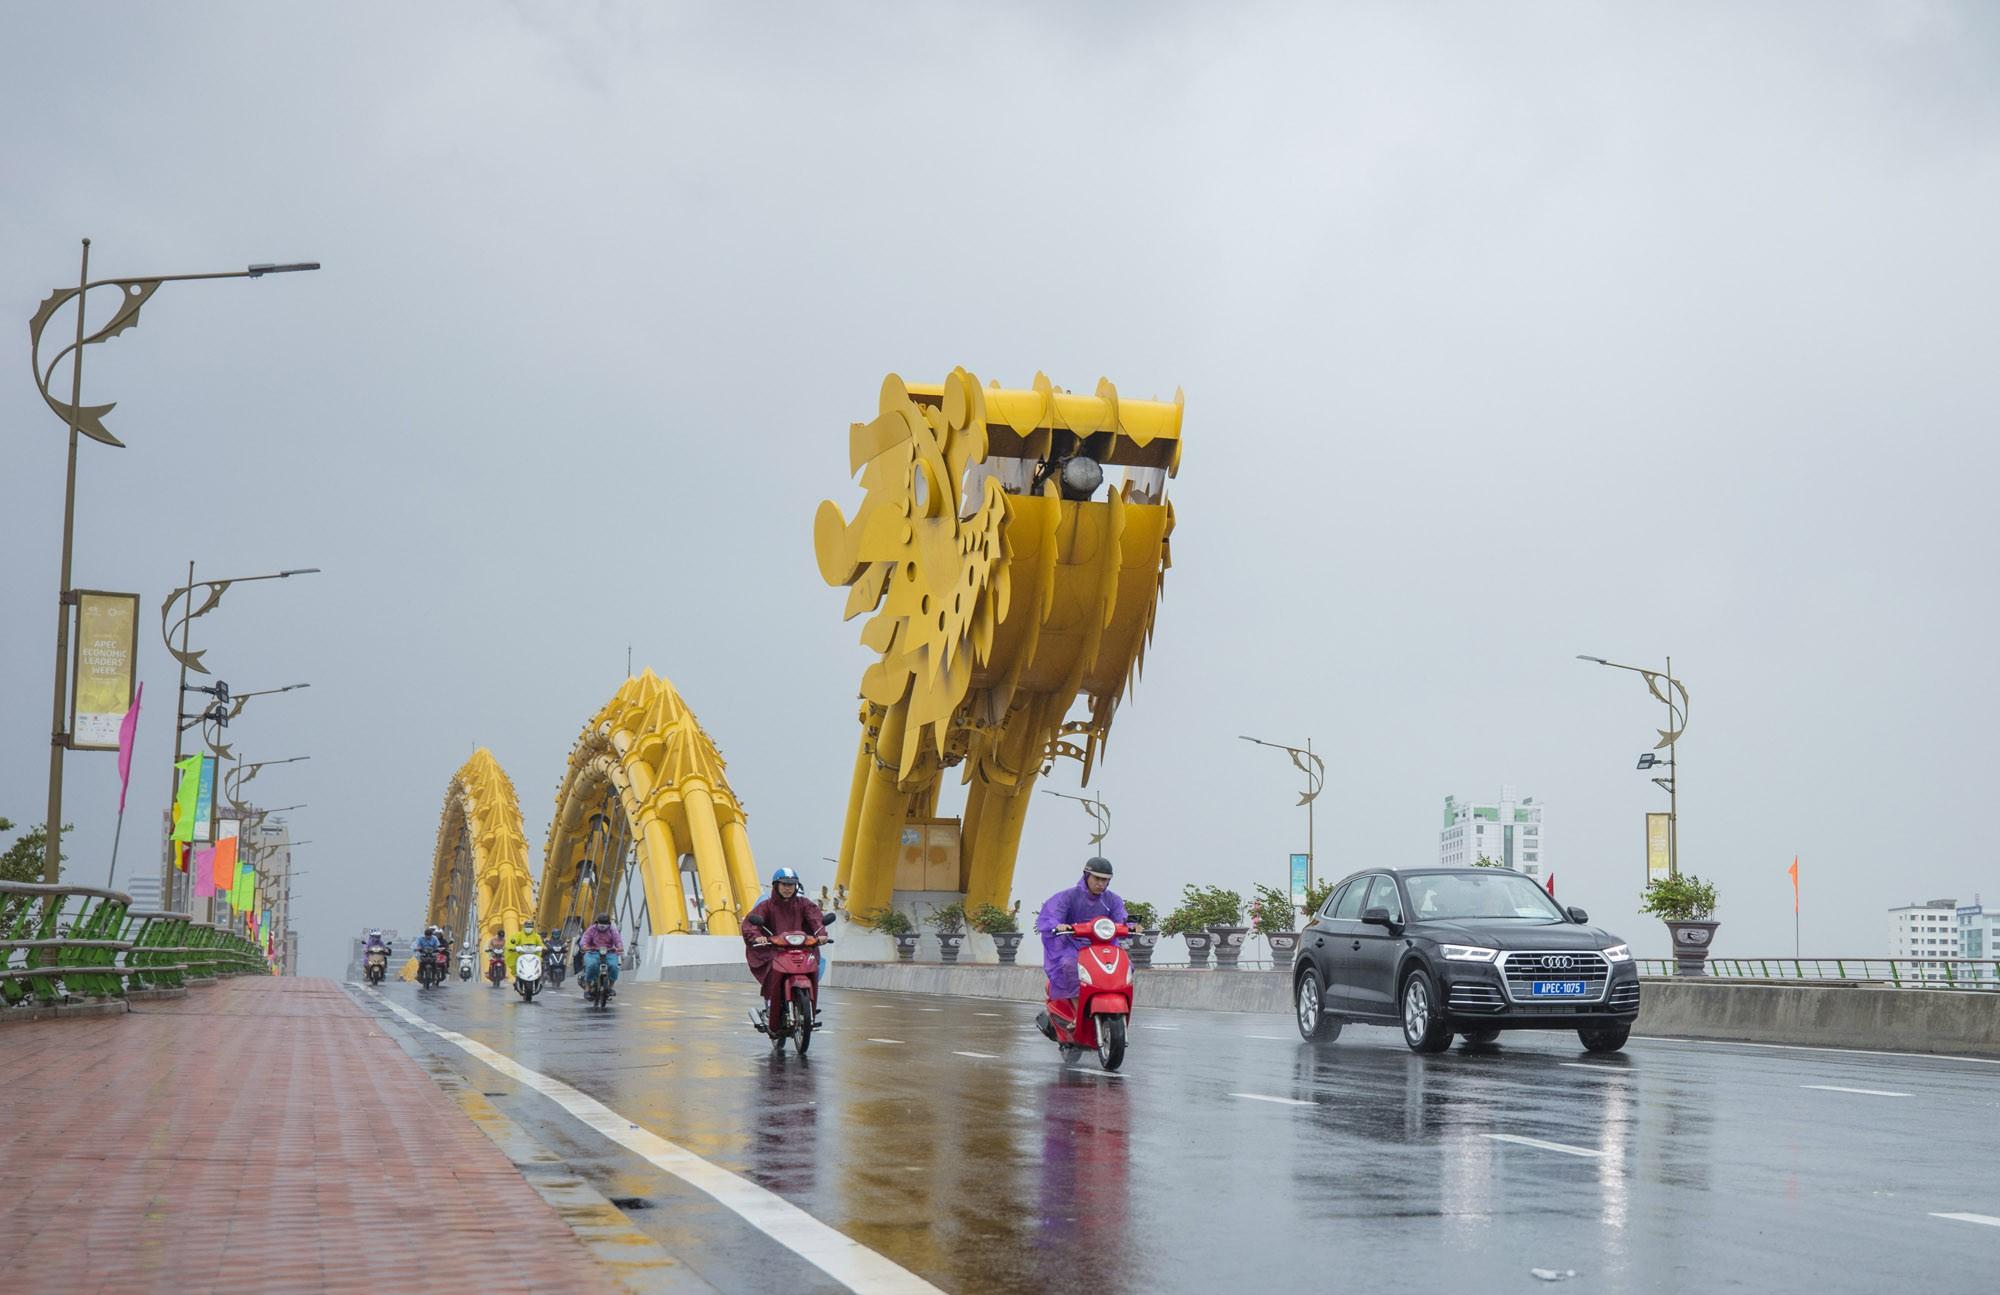 [PHOTO ESSAY] Toàn cảnh Đà Nẵng chạy đua với bão chuẩn bị cho khai mạc APEC - Ảnh 29.